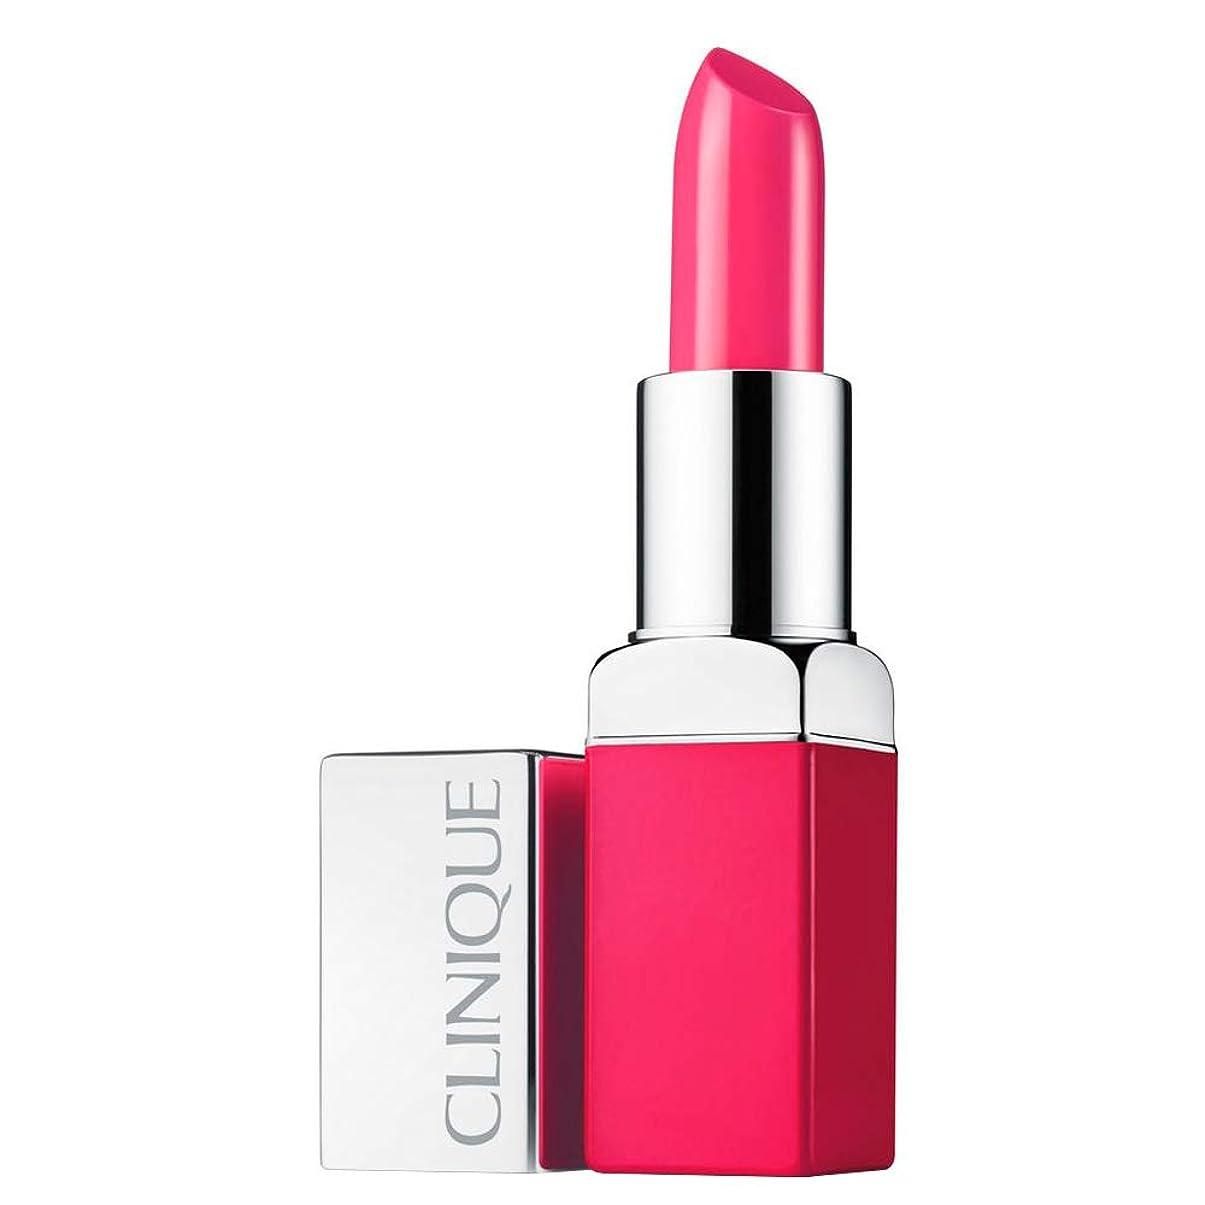 ウィザードゆるく性格クリニーク Clinique Pop Lip Colour + Primer - # 22 Kiss Pop 3.9g/0.13oz並行輸入品